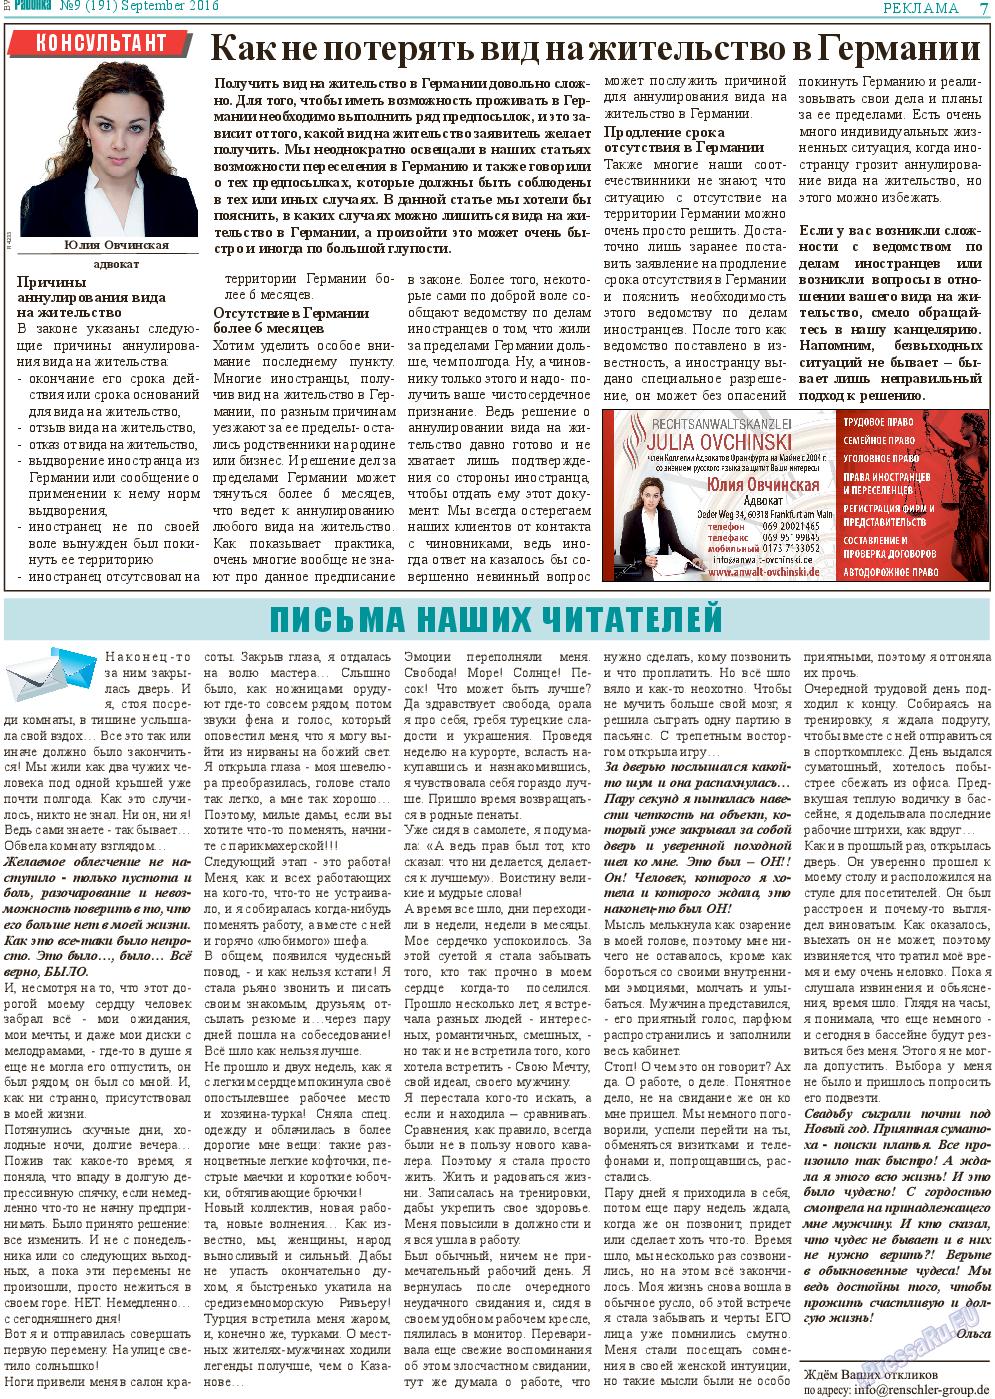 Районка-West (газета). 2016 год, номер 9, стр. 7